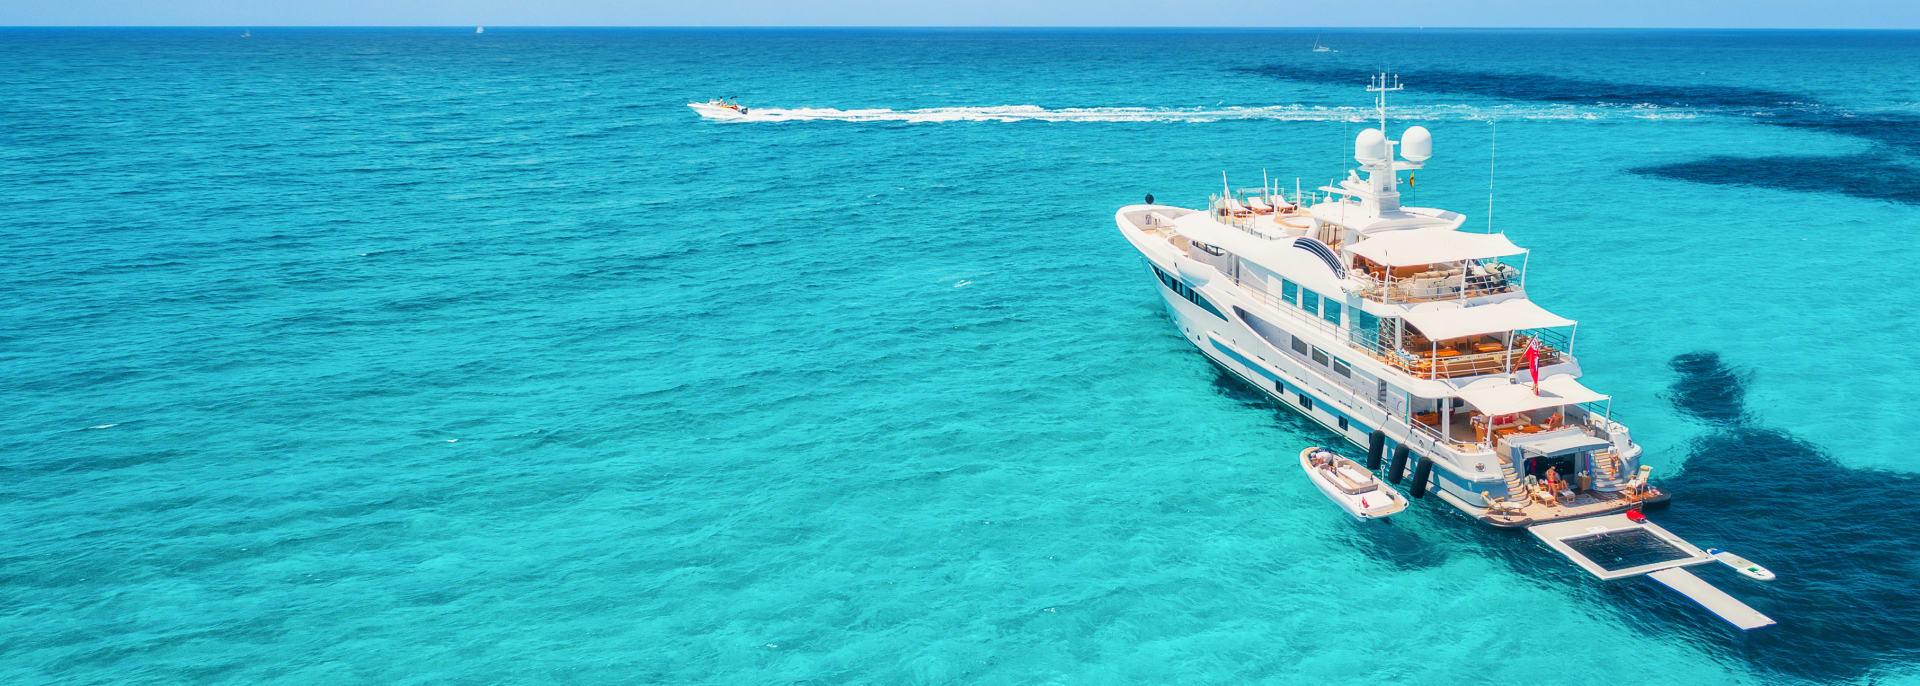 Schiffsfahrten, Malediven